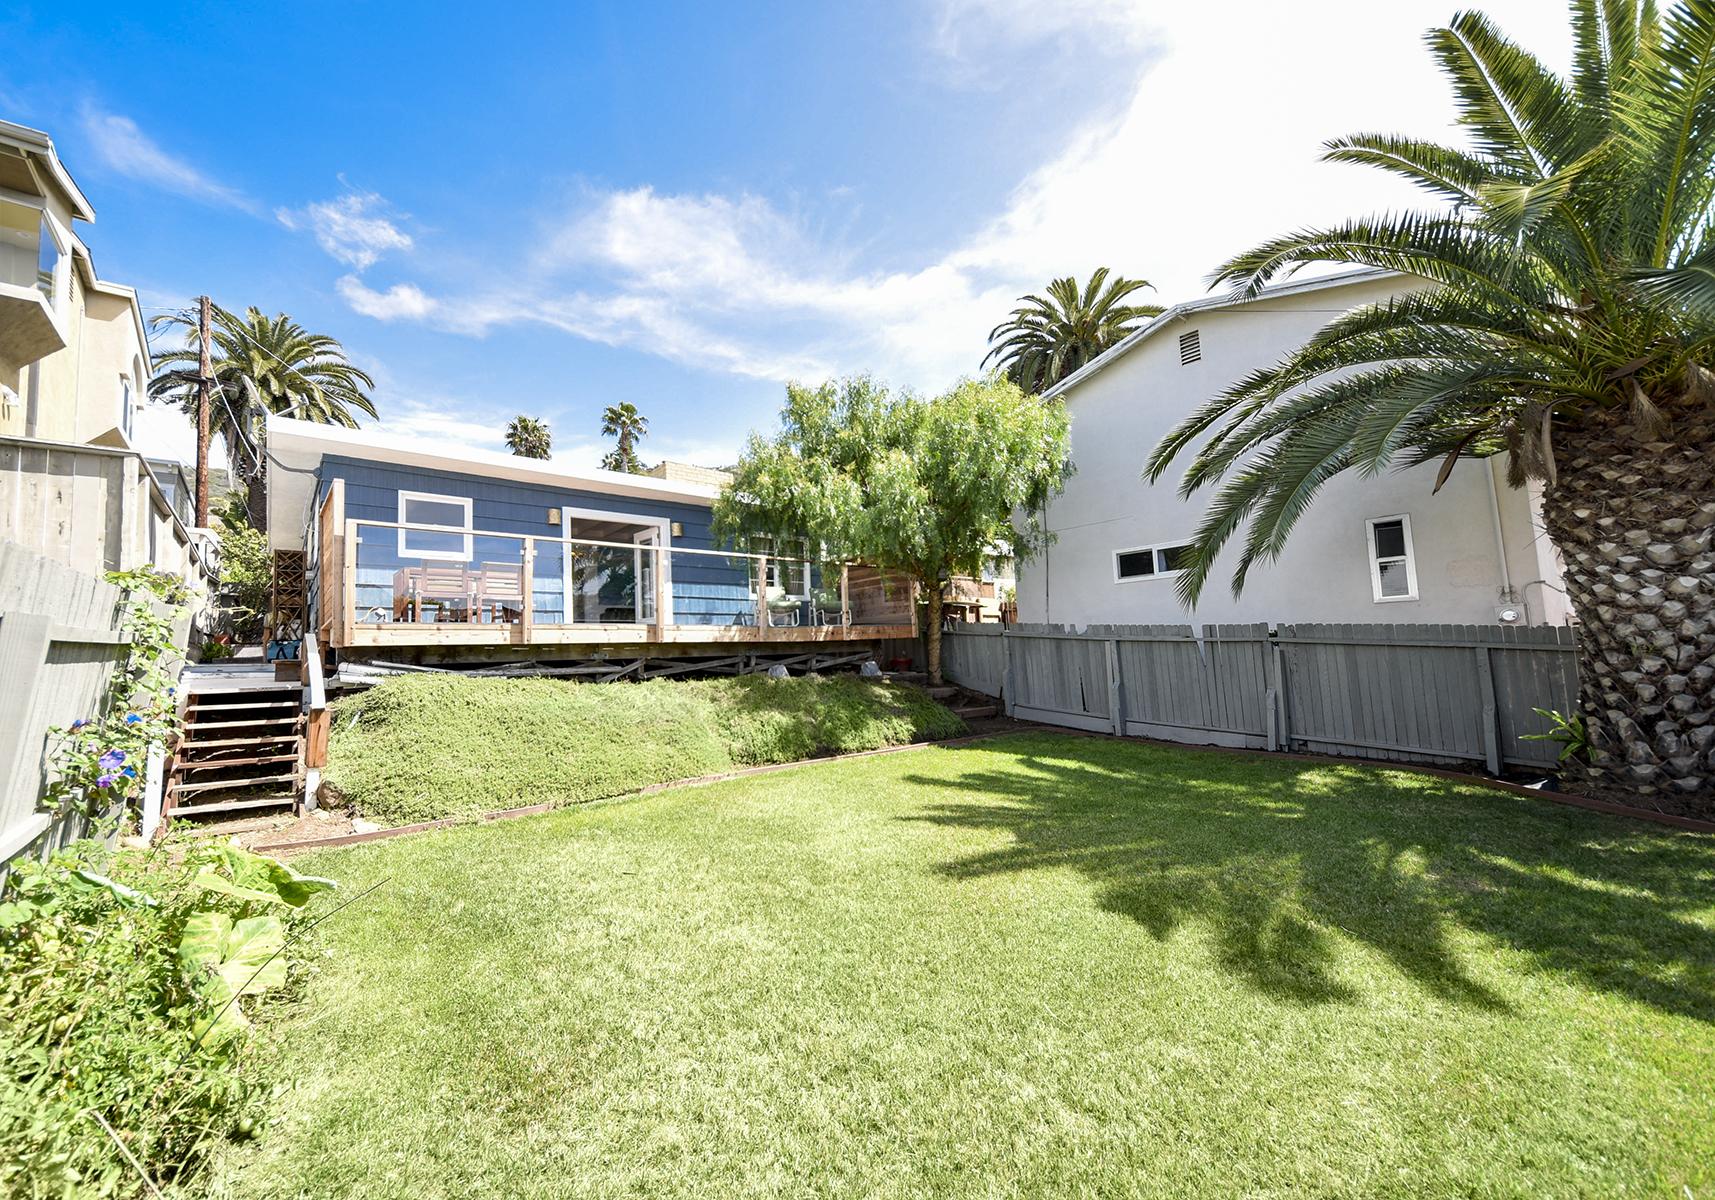 土地 为 销售 在 31882Meadow Lane 31882 Meadow Lane 拉古纳, 加利福尼亚州, 92651 美国